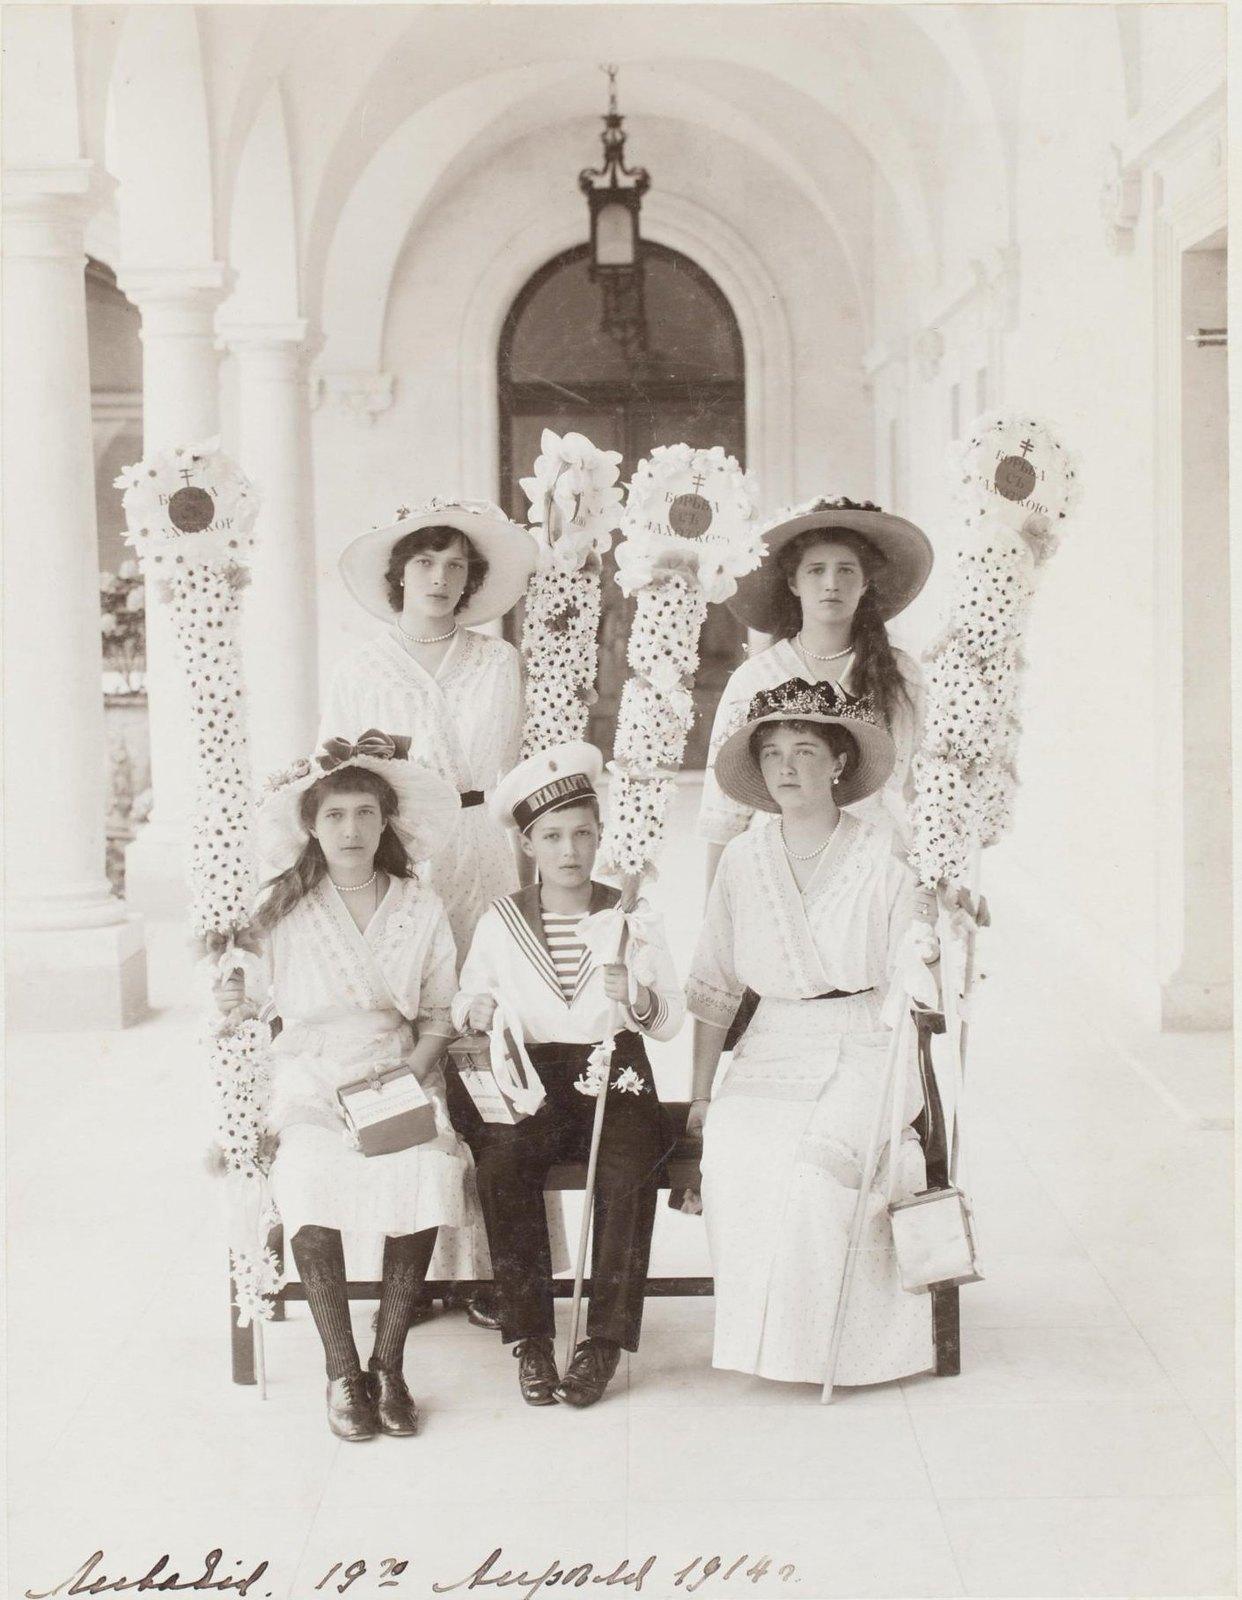 1914. Портрет детей императора Николая II и императрицы Александры Федоровны в Ливадии во время праздника белого цветка